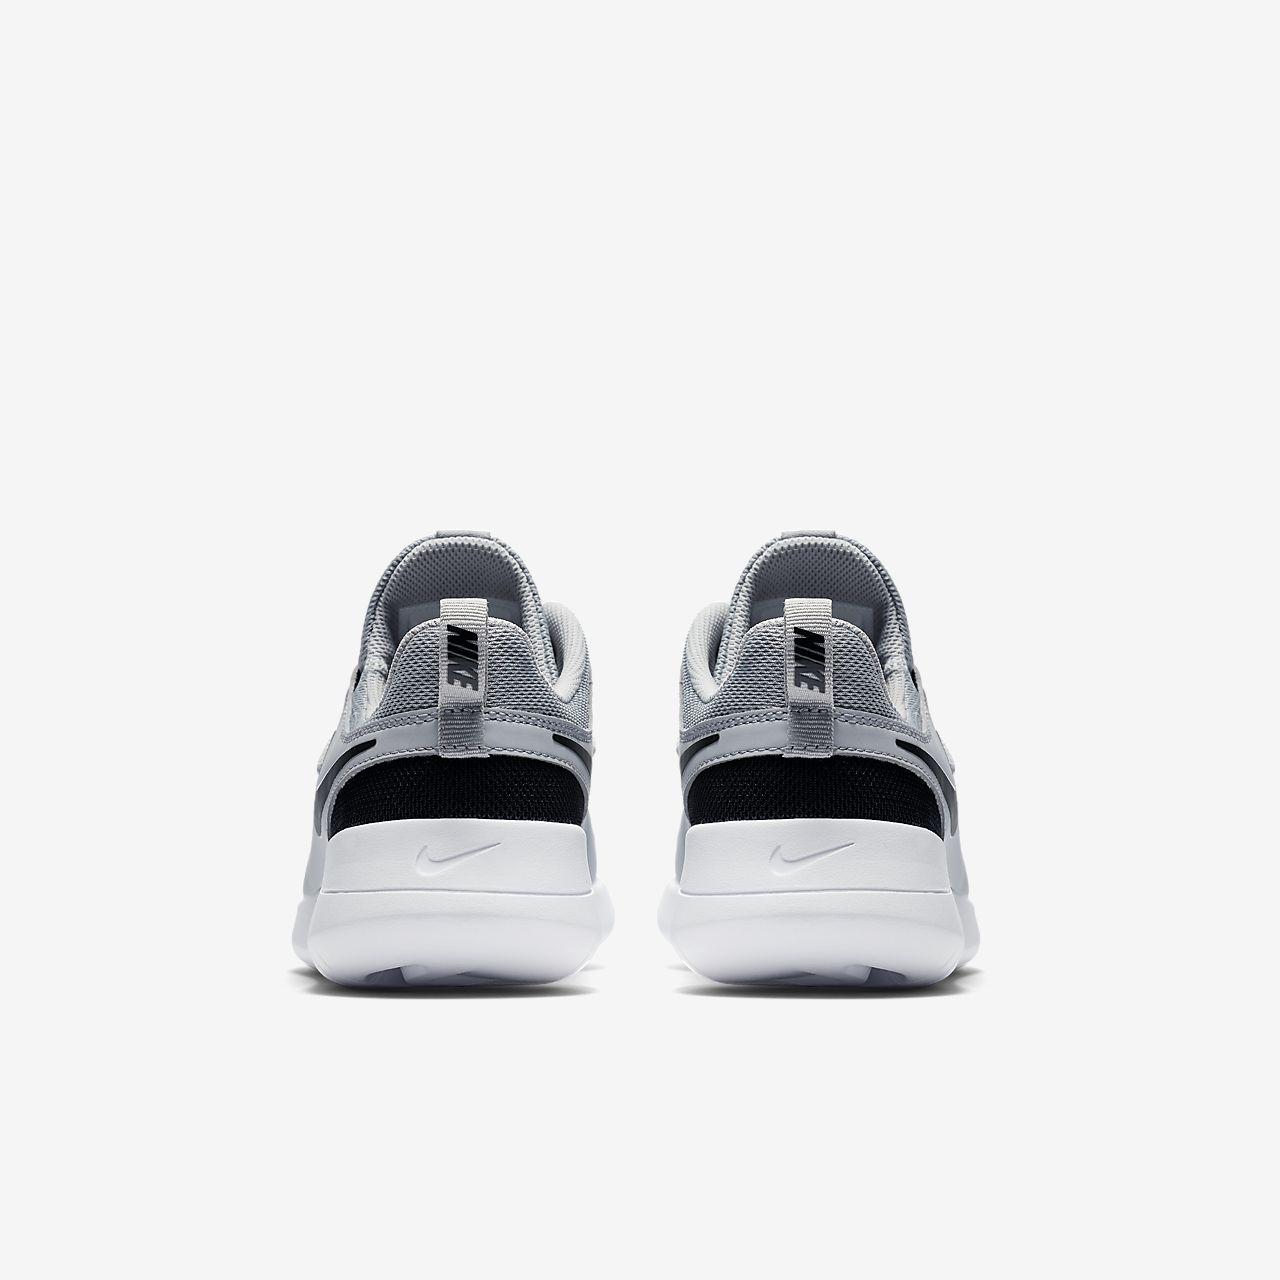 hot sale online 316f2 7f39d ... Chaussure Nike Tessen pour Enfant plus âgé